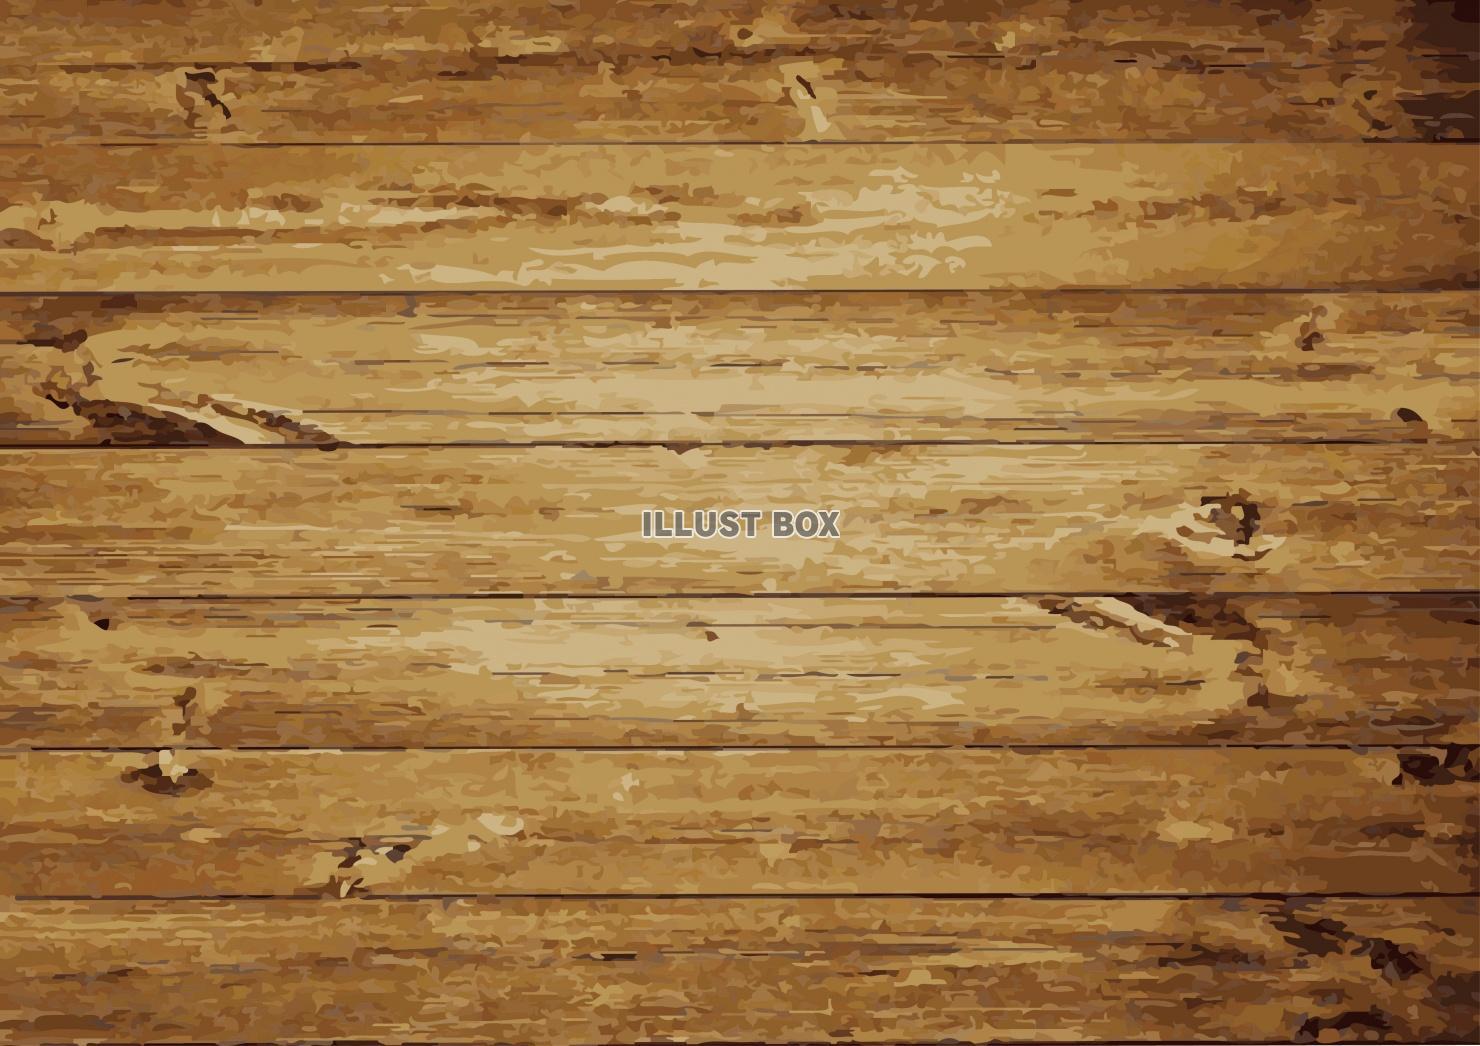 無料イラスト 木目の背景素材 アンティーク調木目